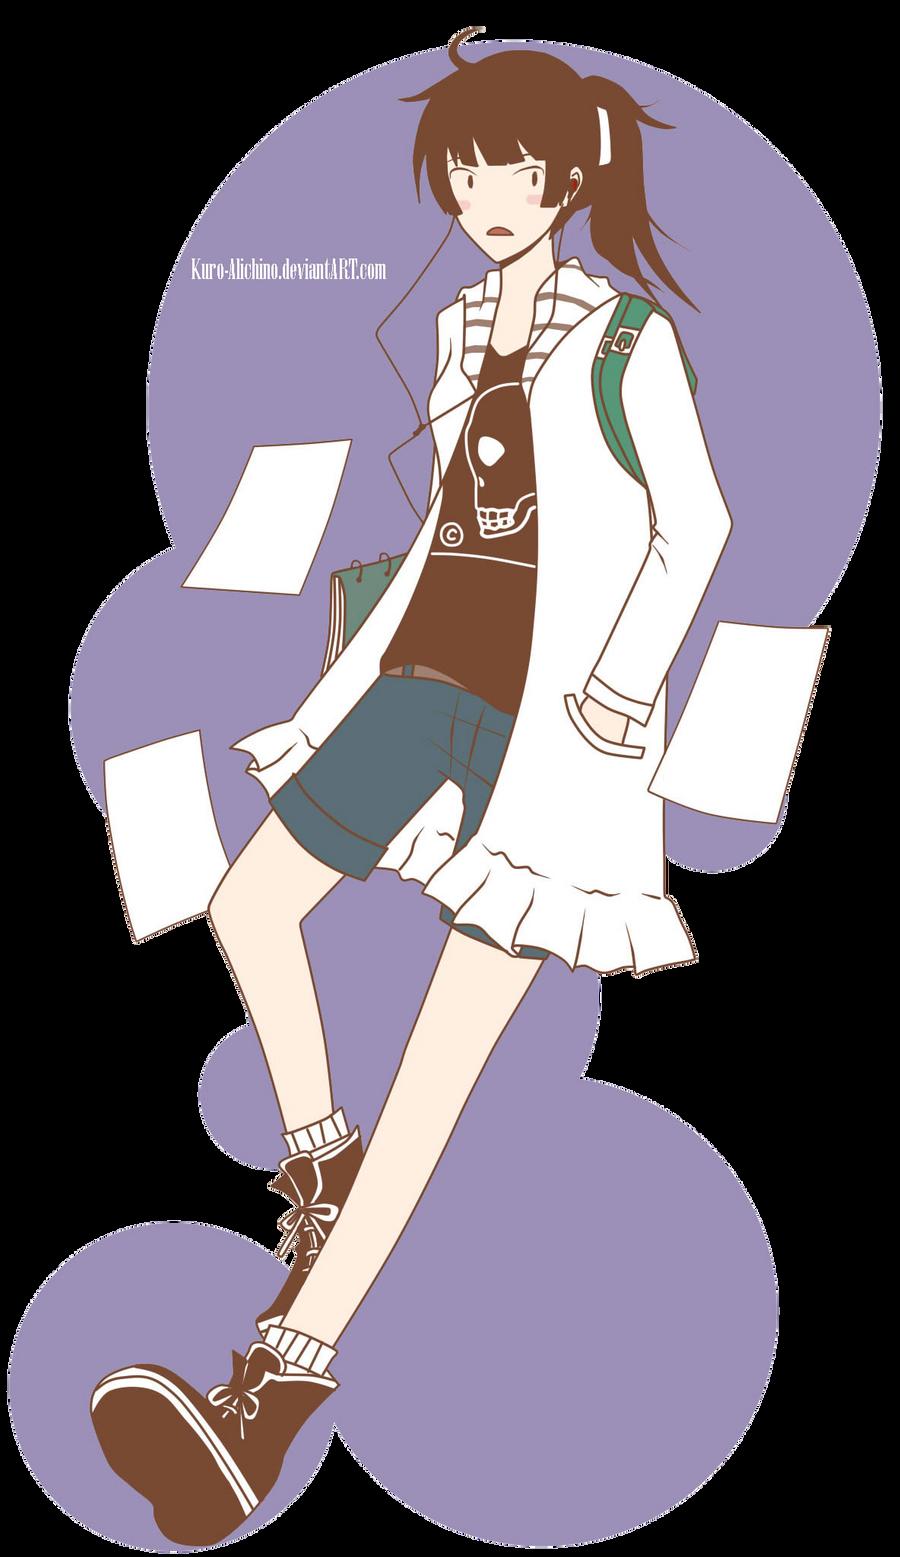 kuro-alichino's Profile Picture